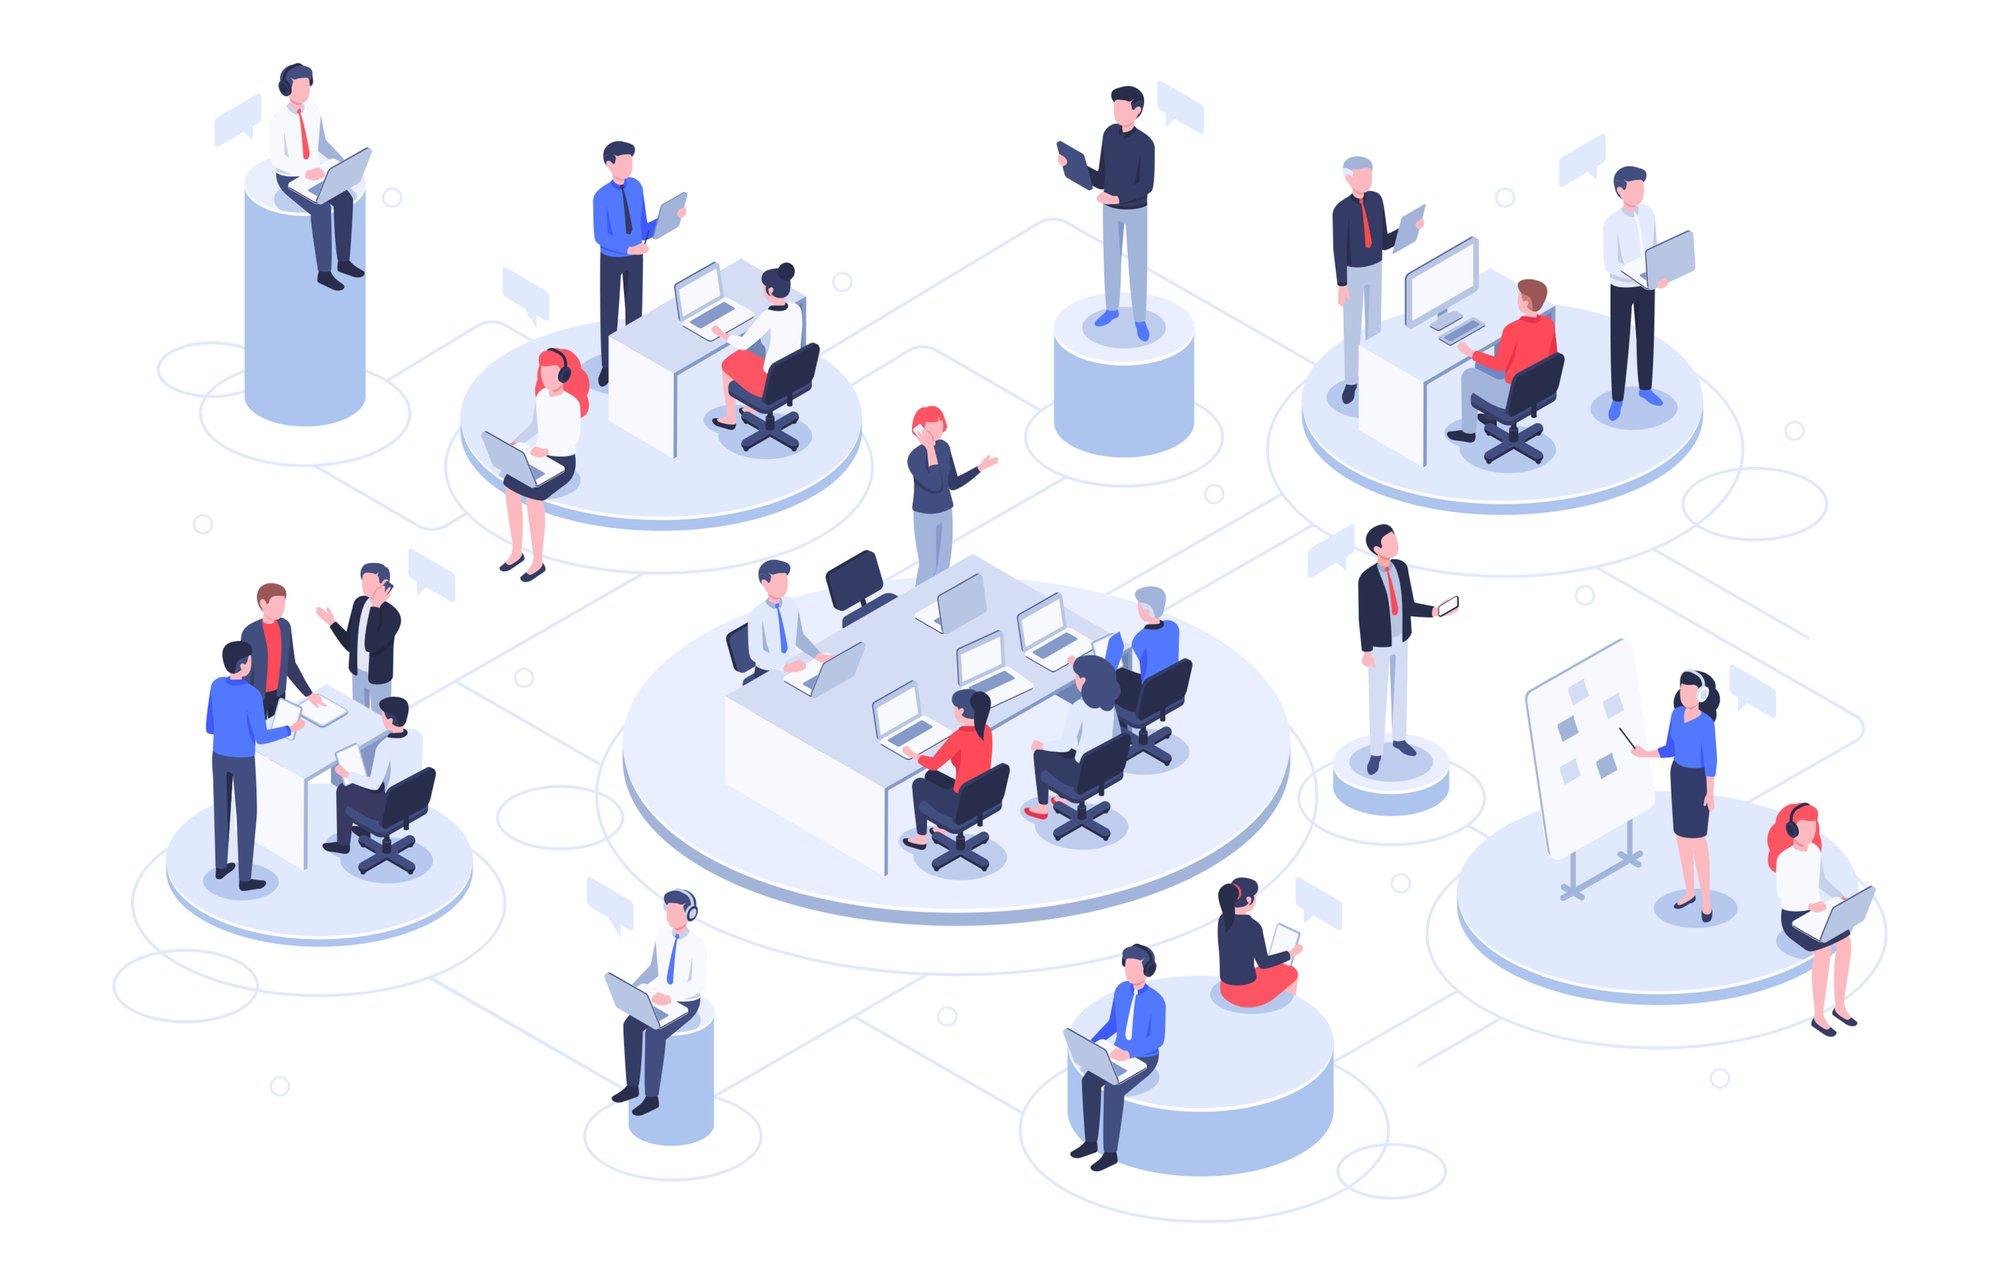 Facility management: de creatie van een werkomgeving op maat van jouw organisatie